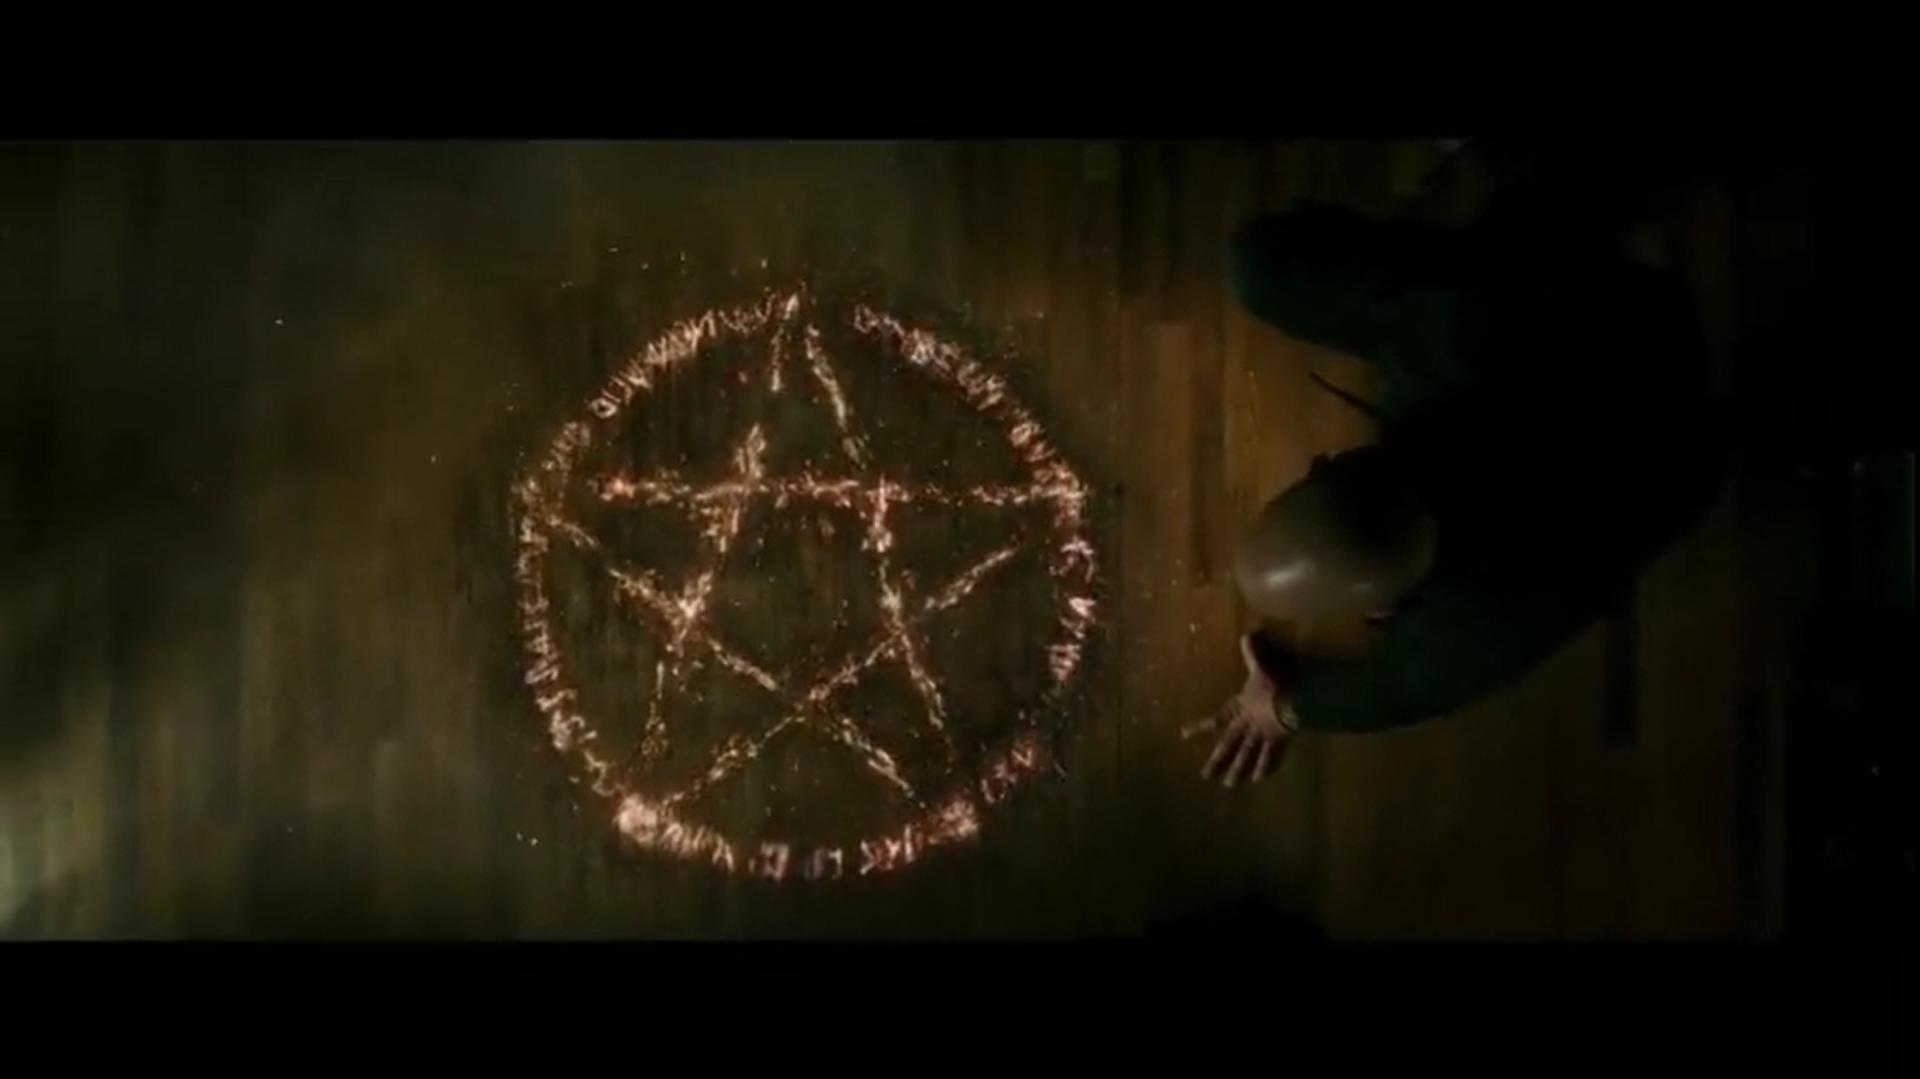 #经典看电影#电影推荐:三个苍蝇引发的血案!《最后的巫师猎人》